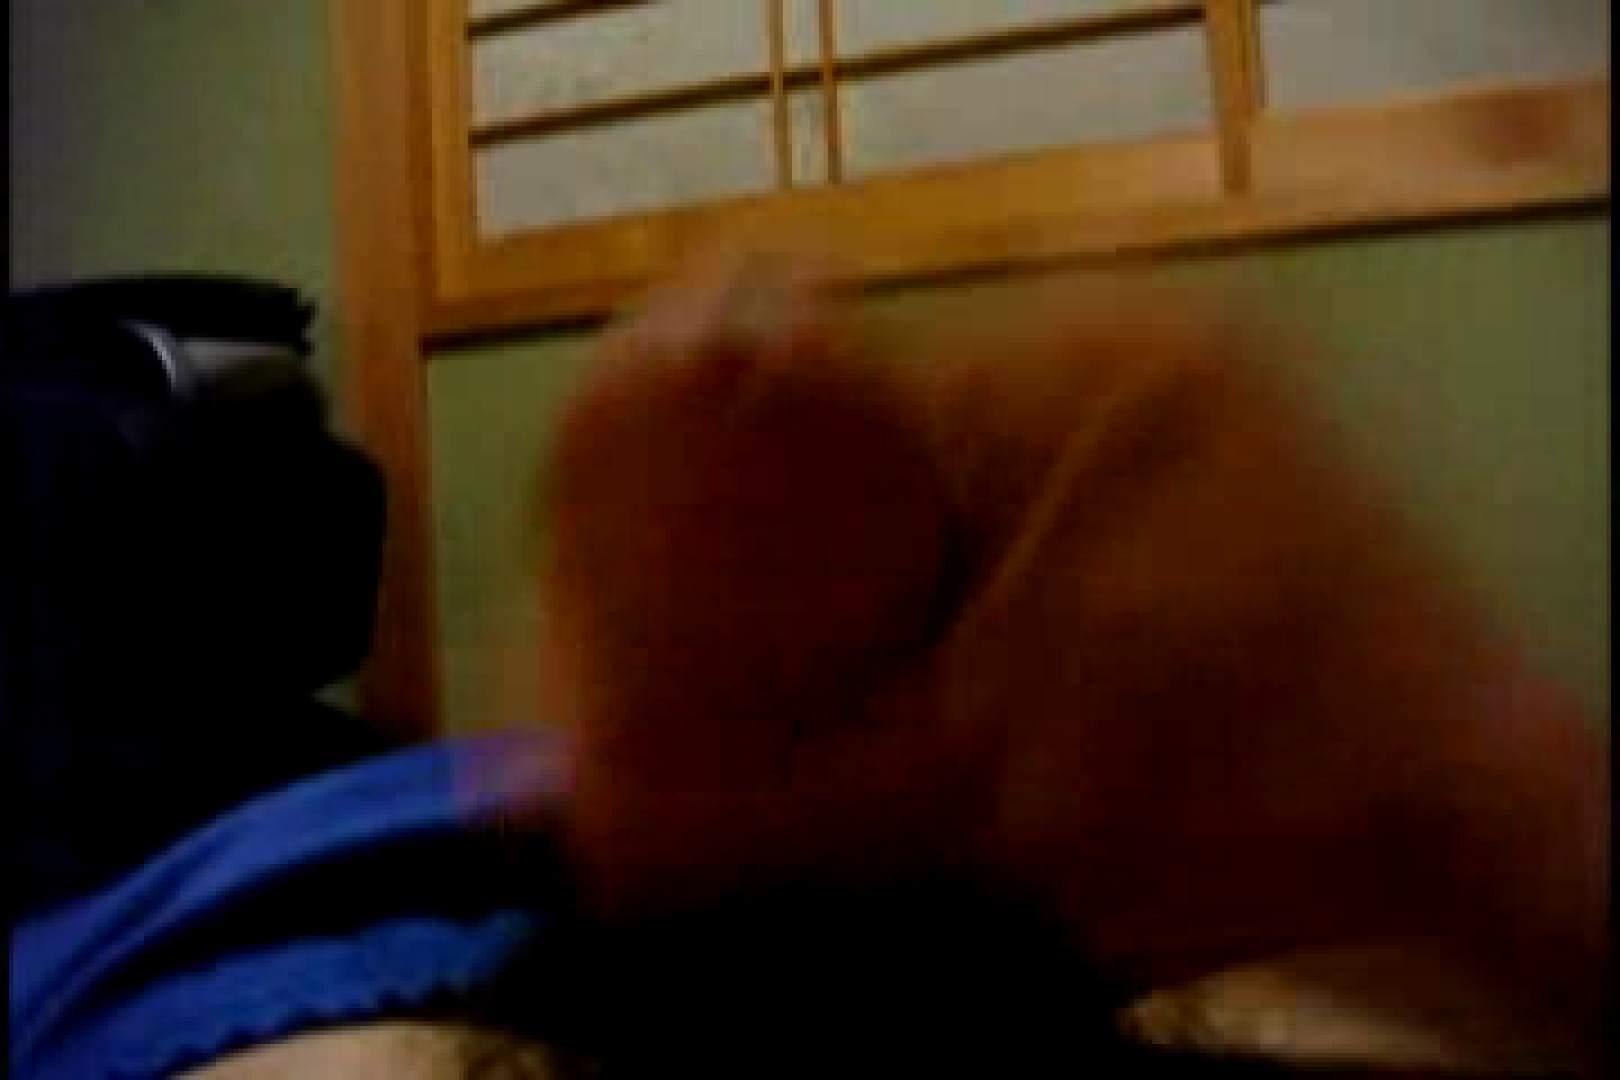 オナ好きノンケテニス部員の自画撮り投稿vol.02 ノンケ君達の・・ ゲイエロ動画 102枚 32